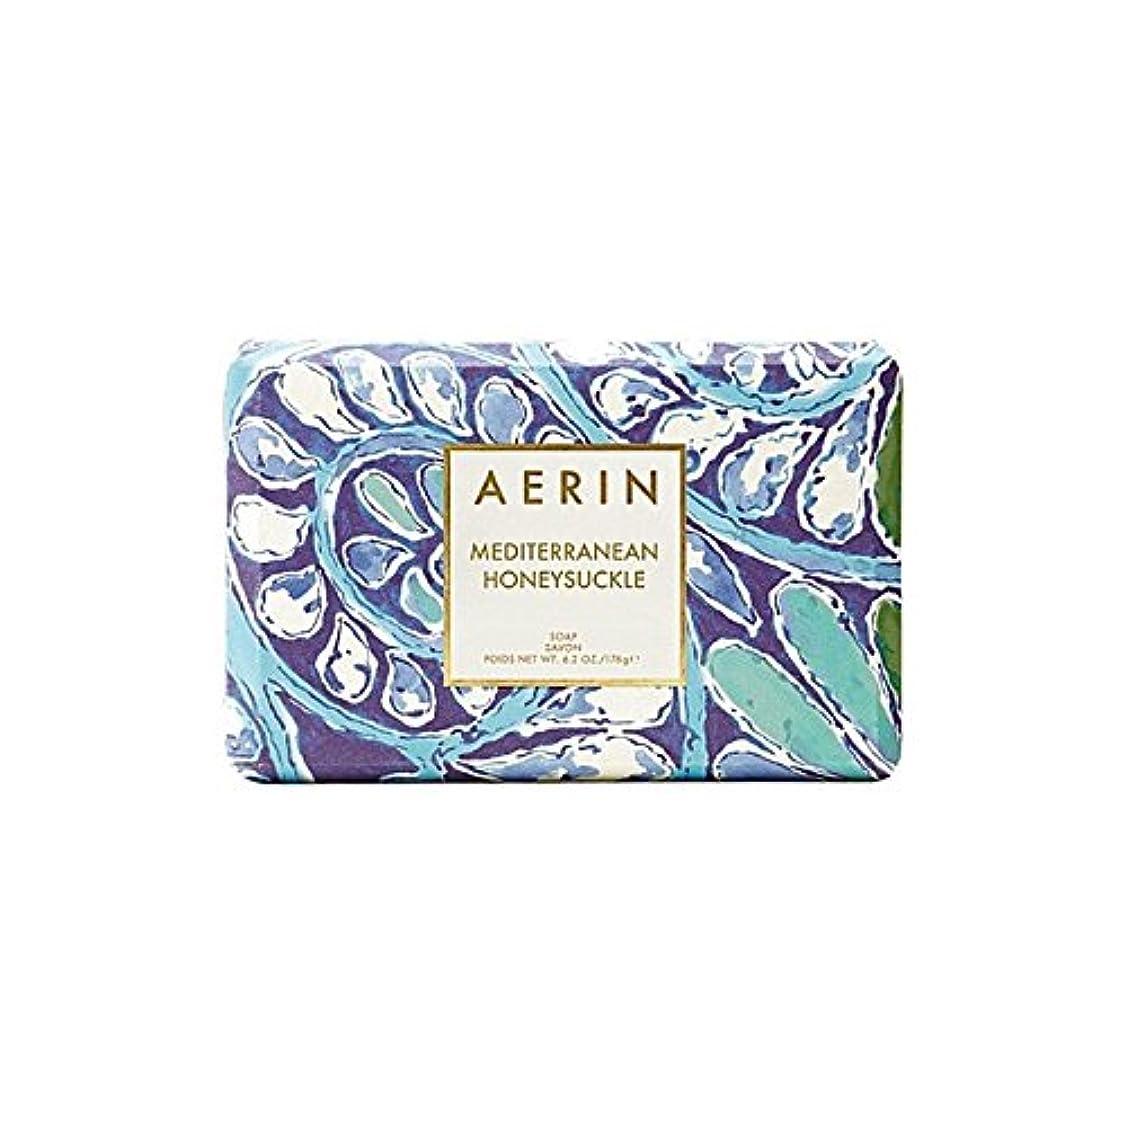 傷つきやすいオッズ椅子スイカズラ固形石鹸176グラム x4 - Aerin Mediterrenean Honeysuckle Bar Soap 176G (Pack of 4) [並行輸入品]